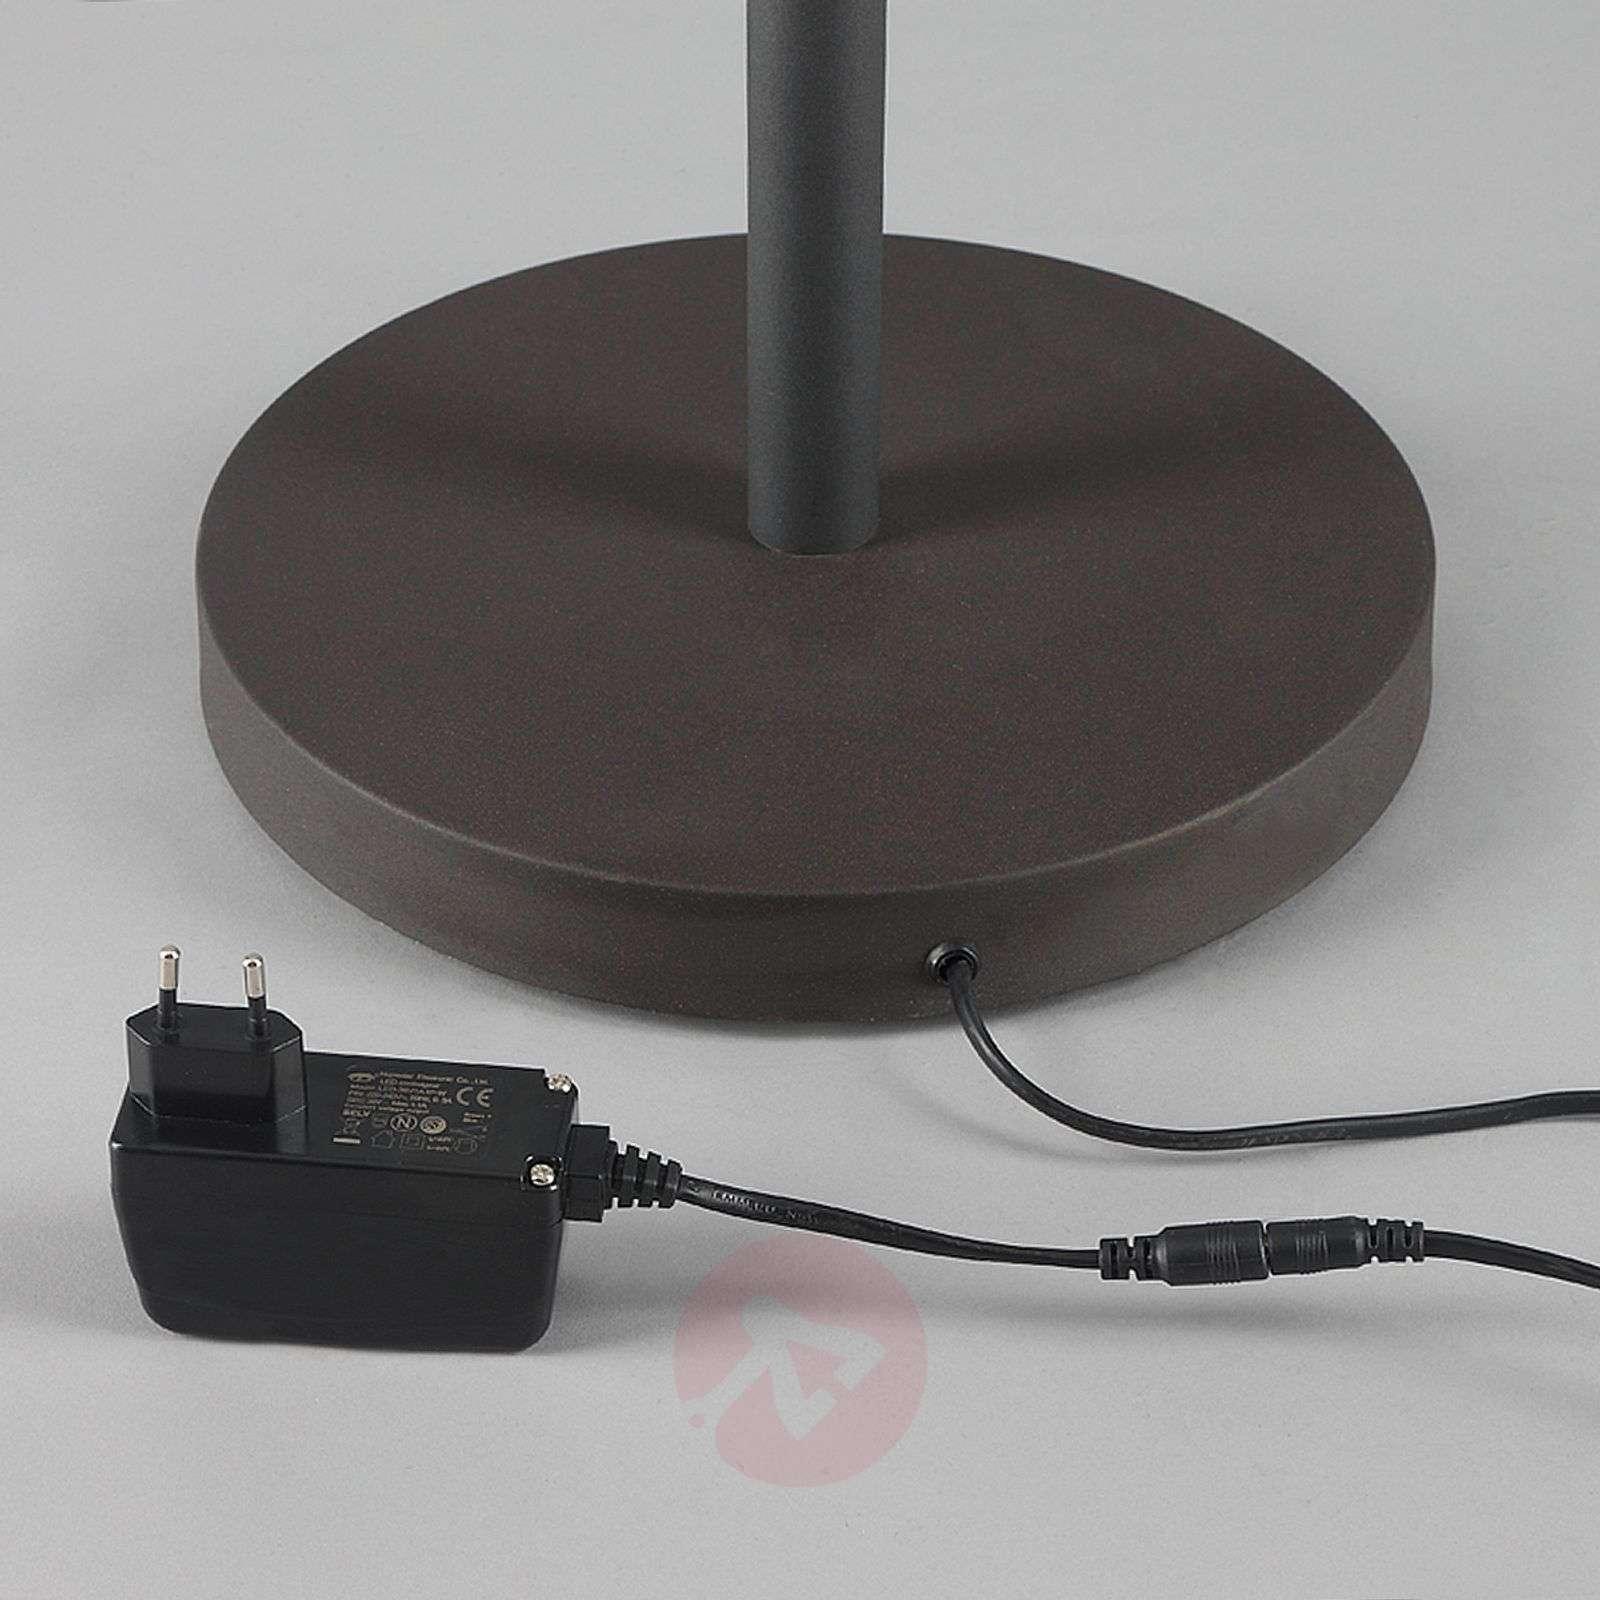 LED-lattiavalaisin Ragna lukuvalolla, ruostevärit-9620650-011